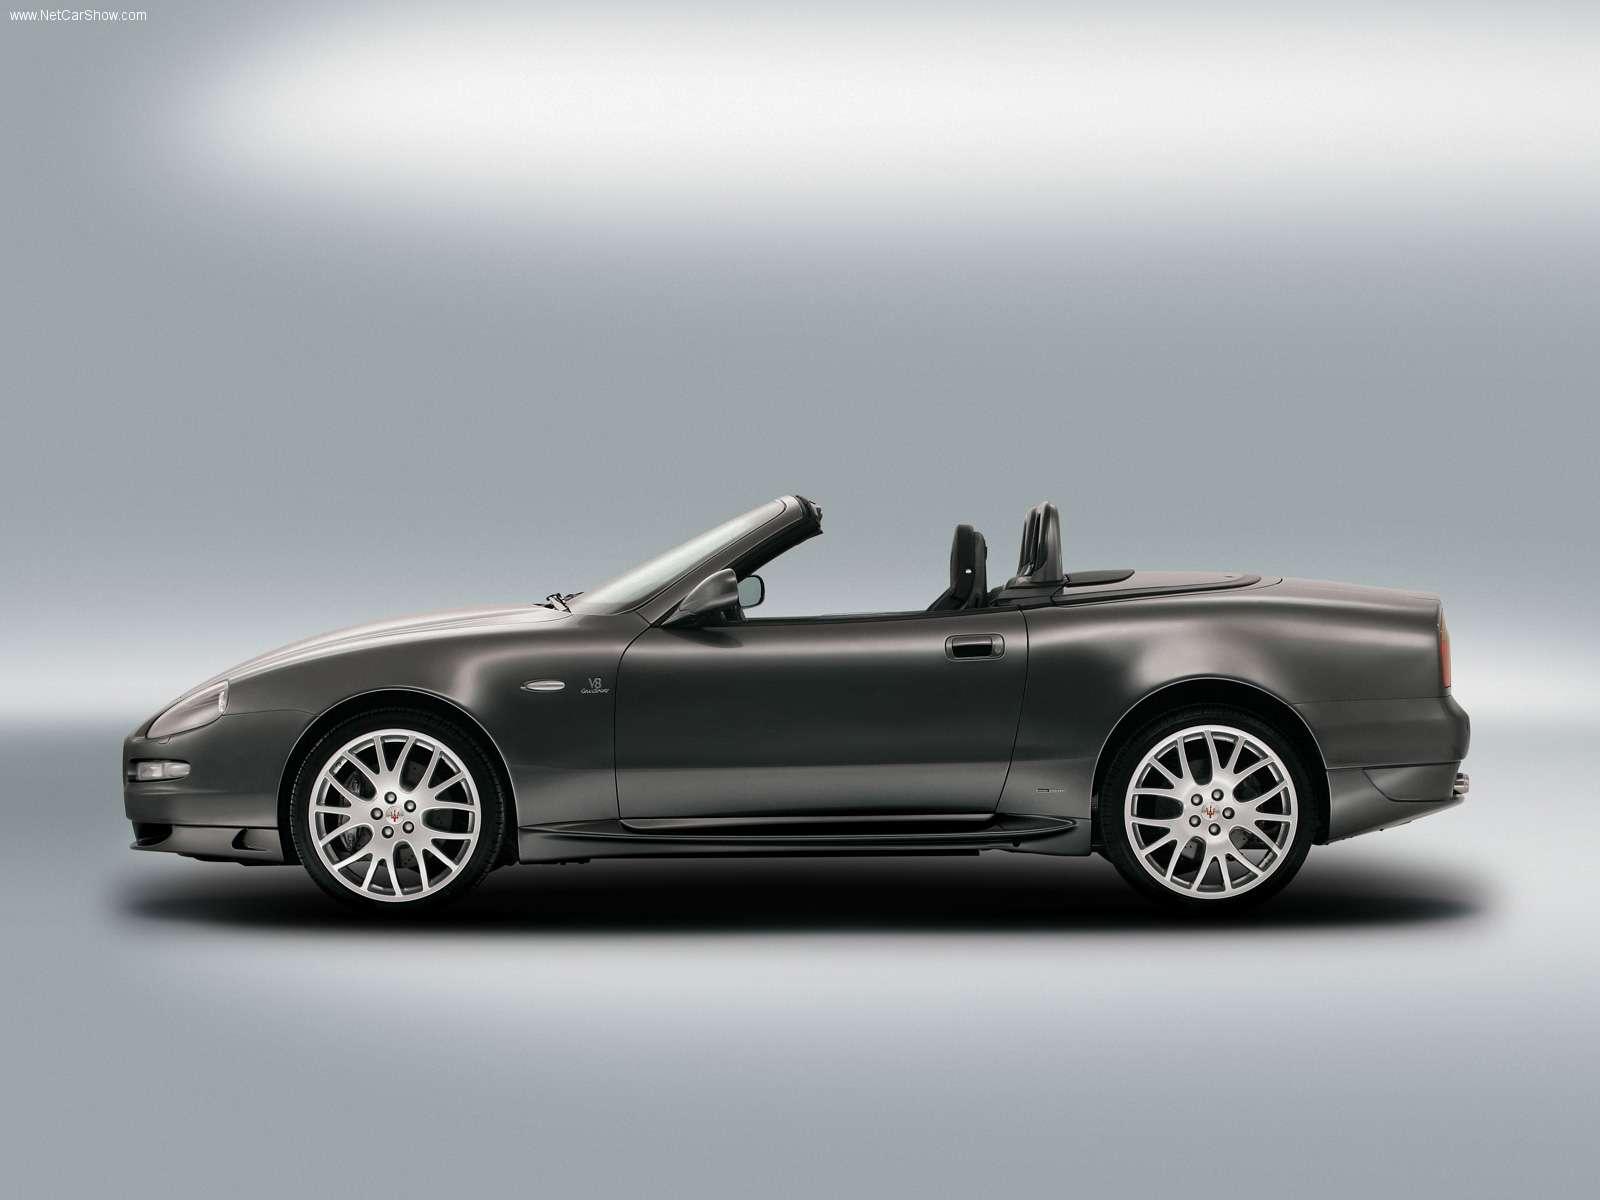 Hình ảnh siêu xe Maserati GranSport Spyder 2006 & nội ngoại thất